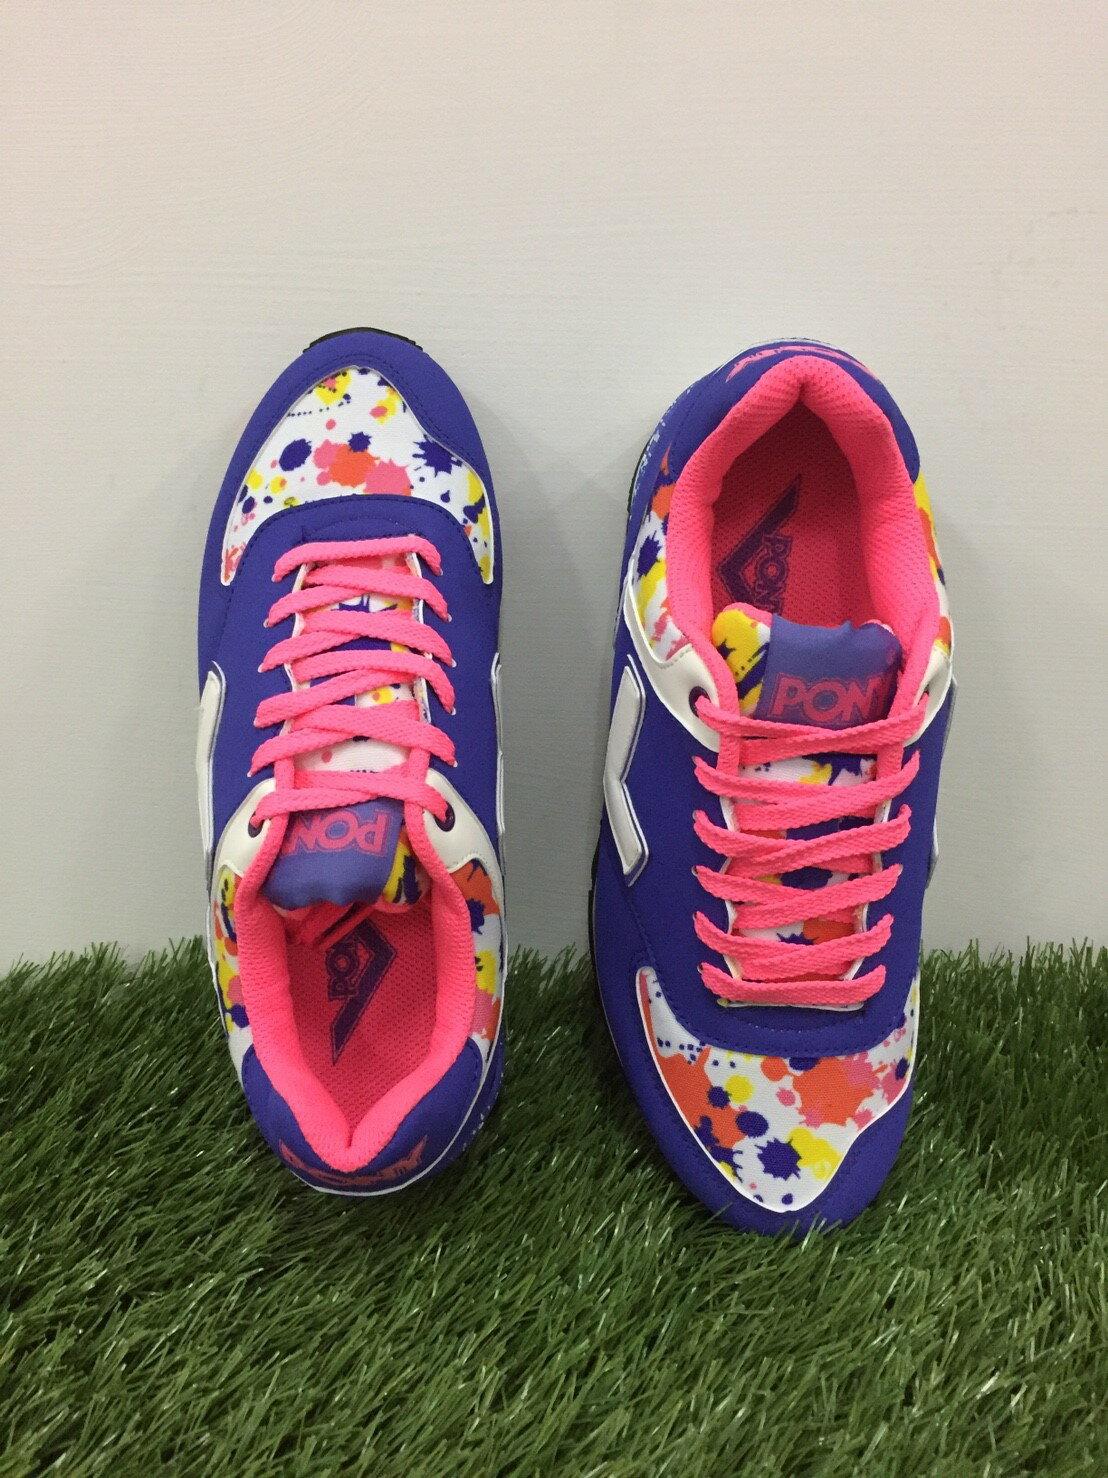 ★限時特價990元★ Shoestw【53W1SO73PP】PONY 復古慢跑鞋 內增高 紫粉色 女生 1